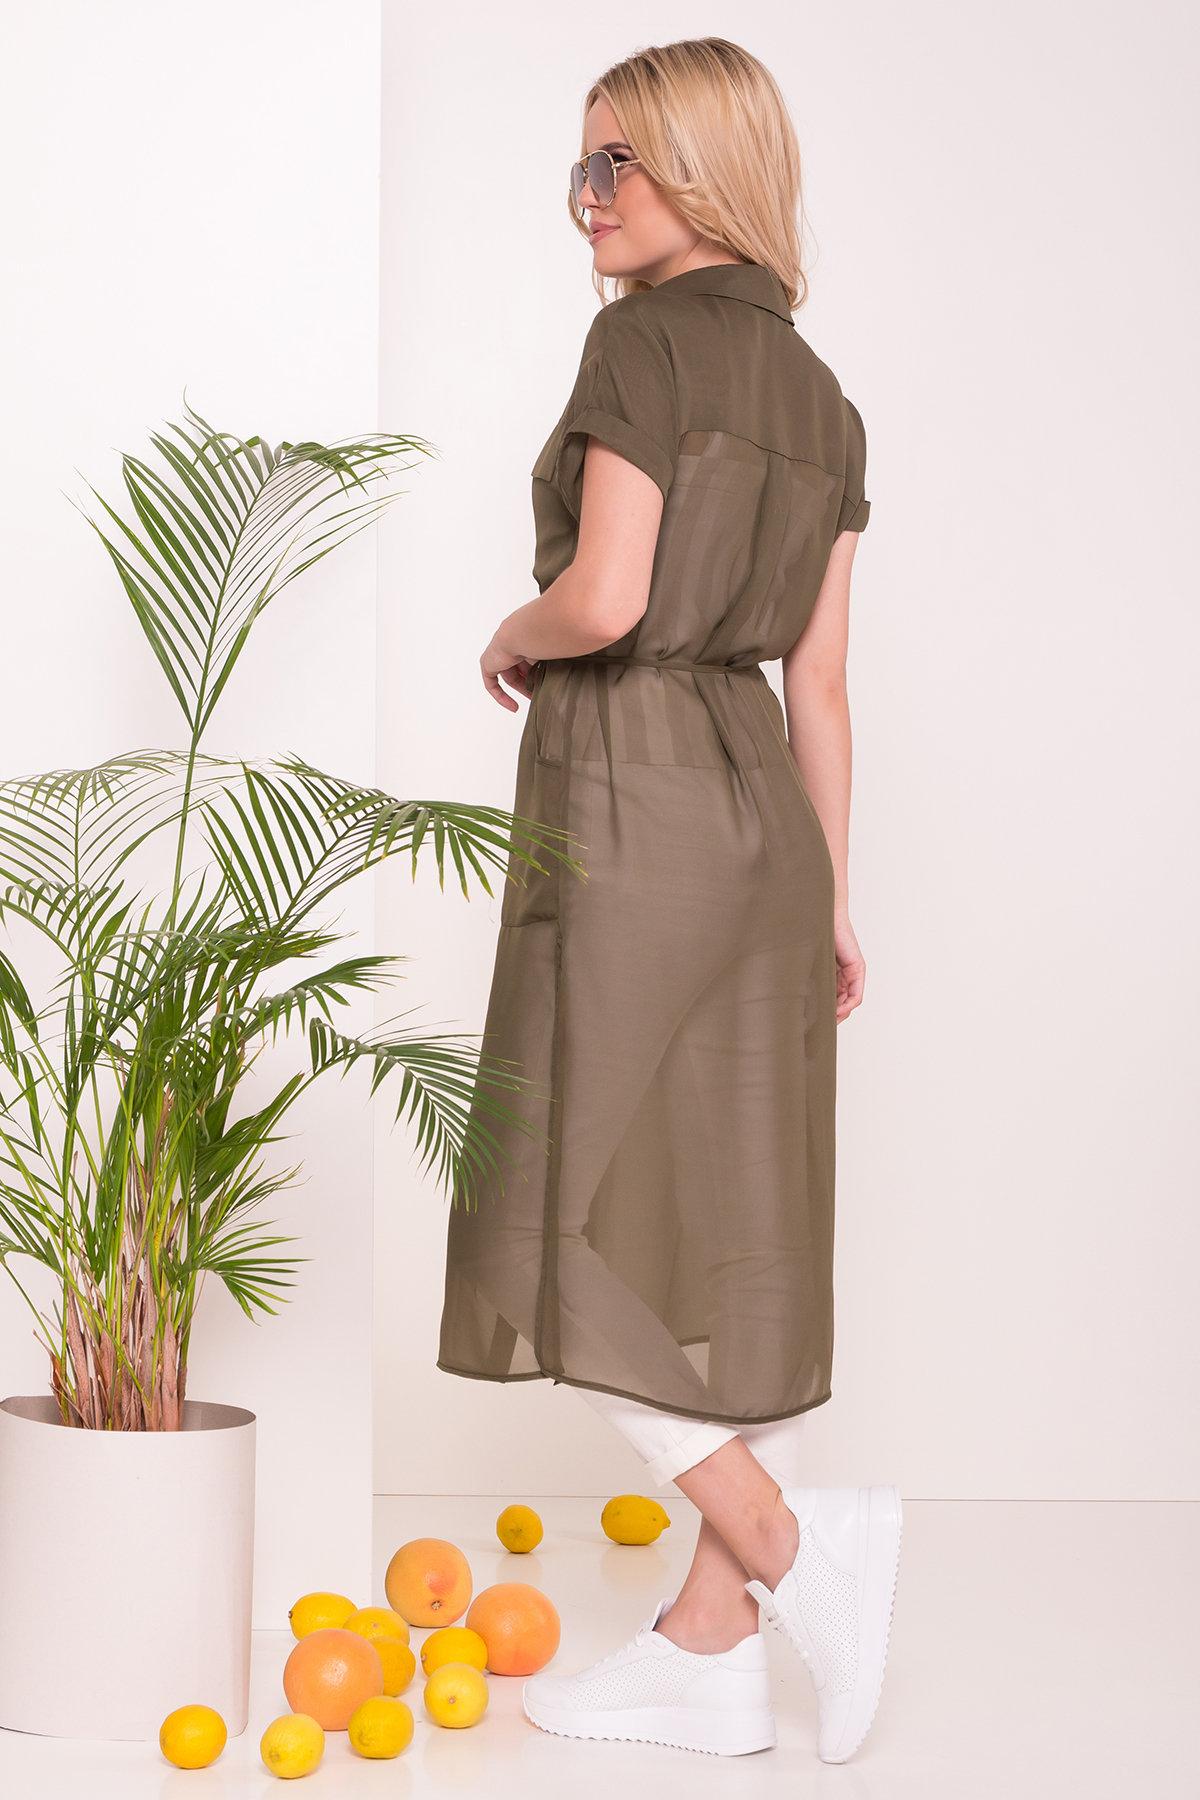 Платье-рубашка Эриал 7544 АРТ. 43466 Цвет: Хаки - фото 2, интернет магазин tm-modus.ru